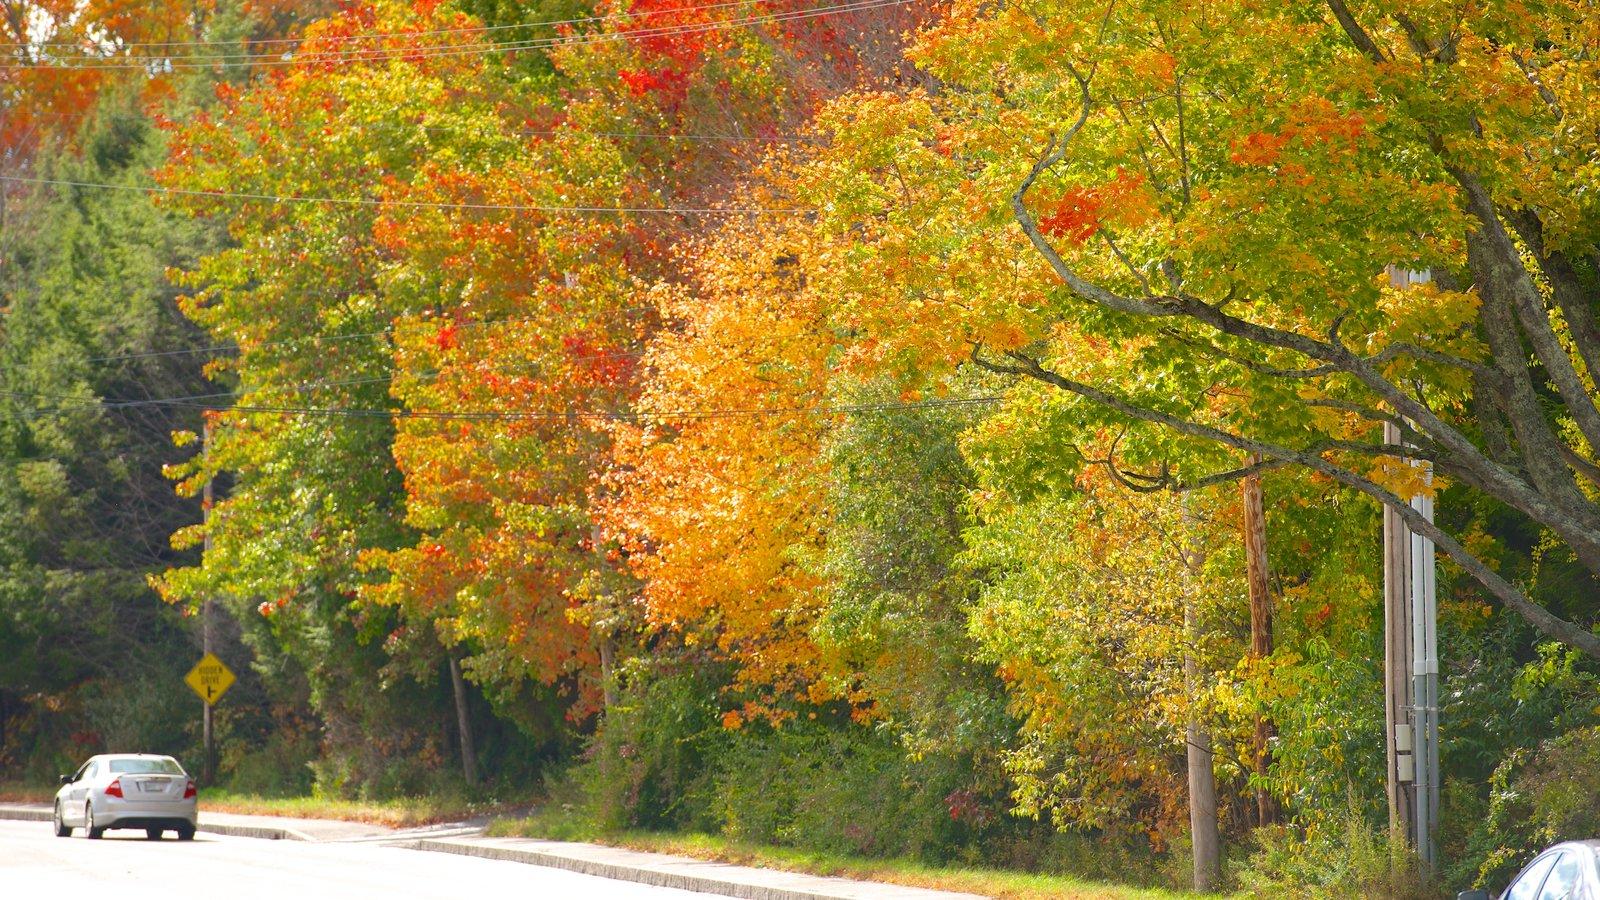 Freeport que inclui cores do outono